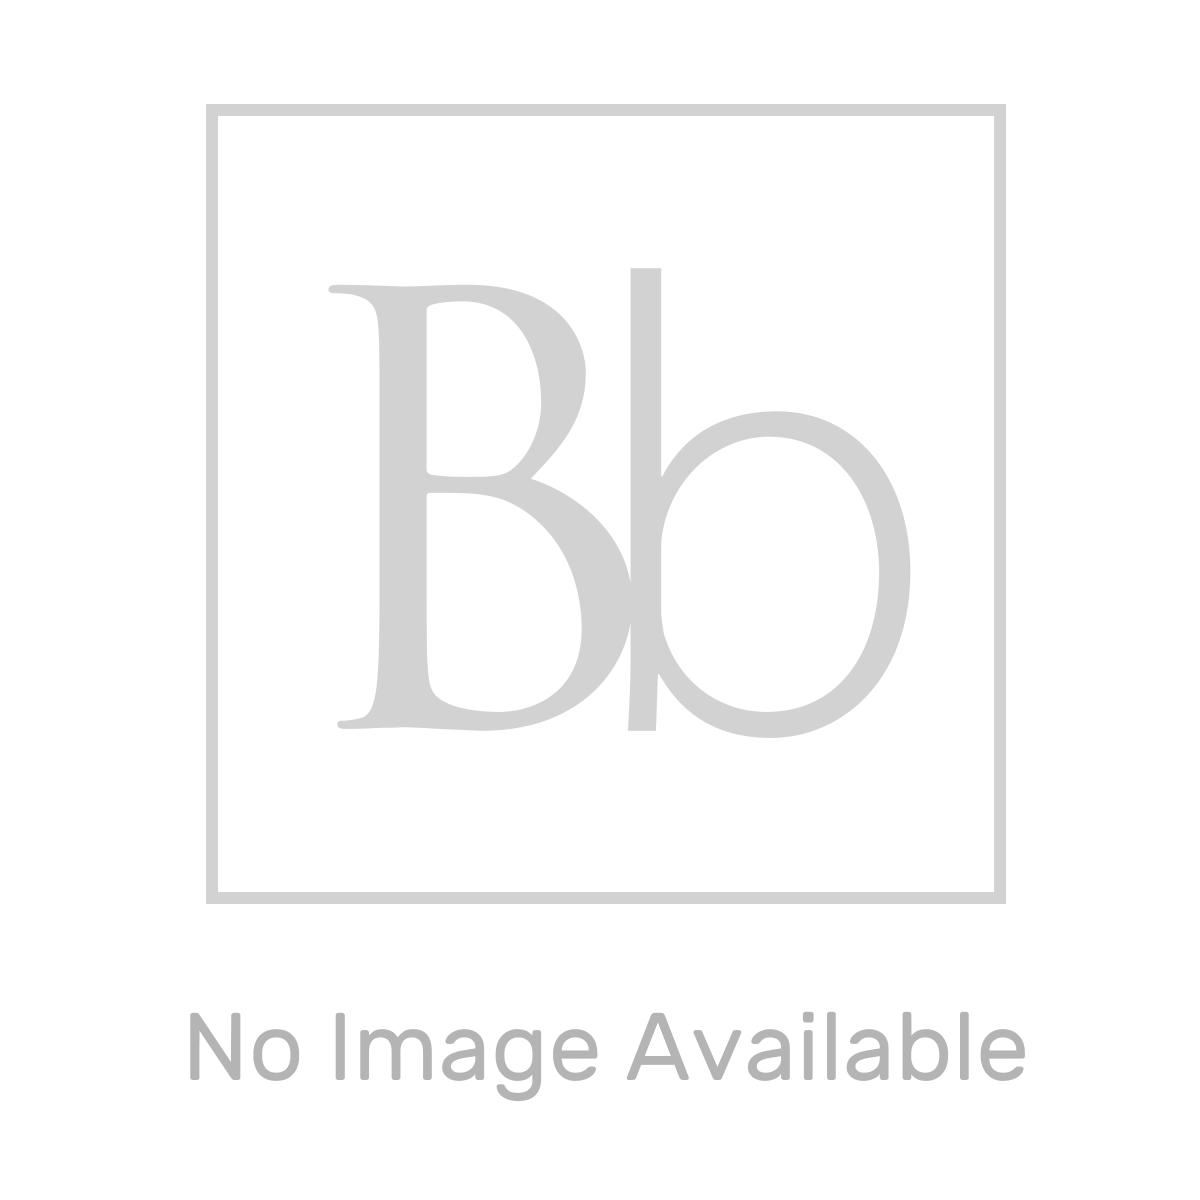 Ultra Colosseum High Gloss Black Triple Column Designer Radiator 291mm